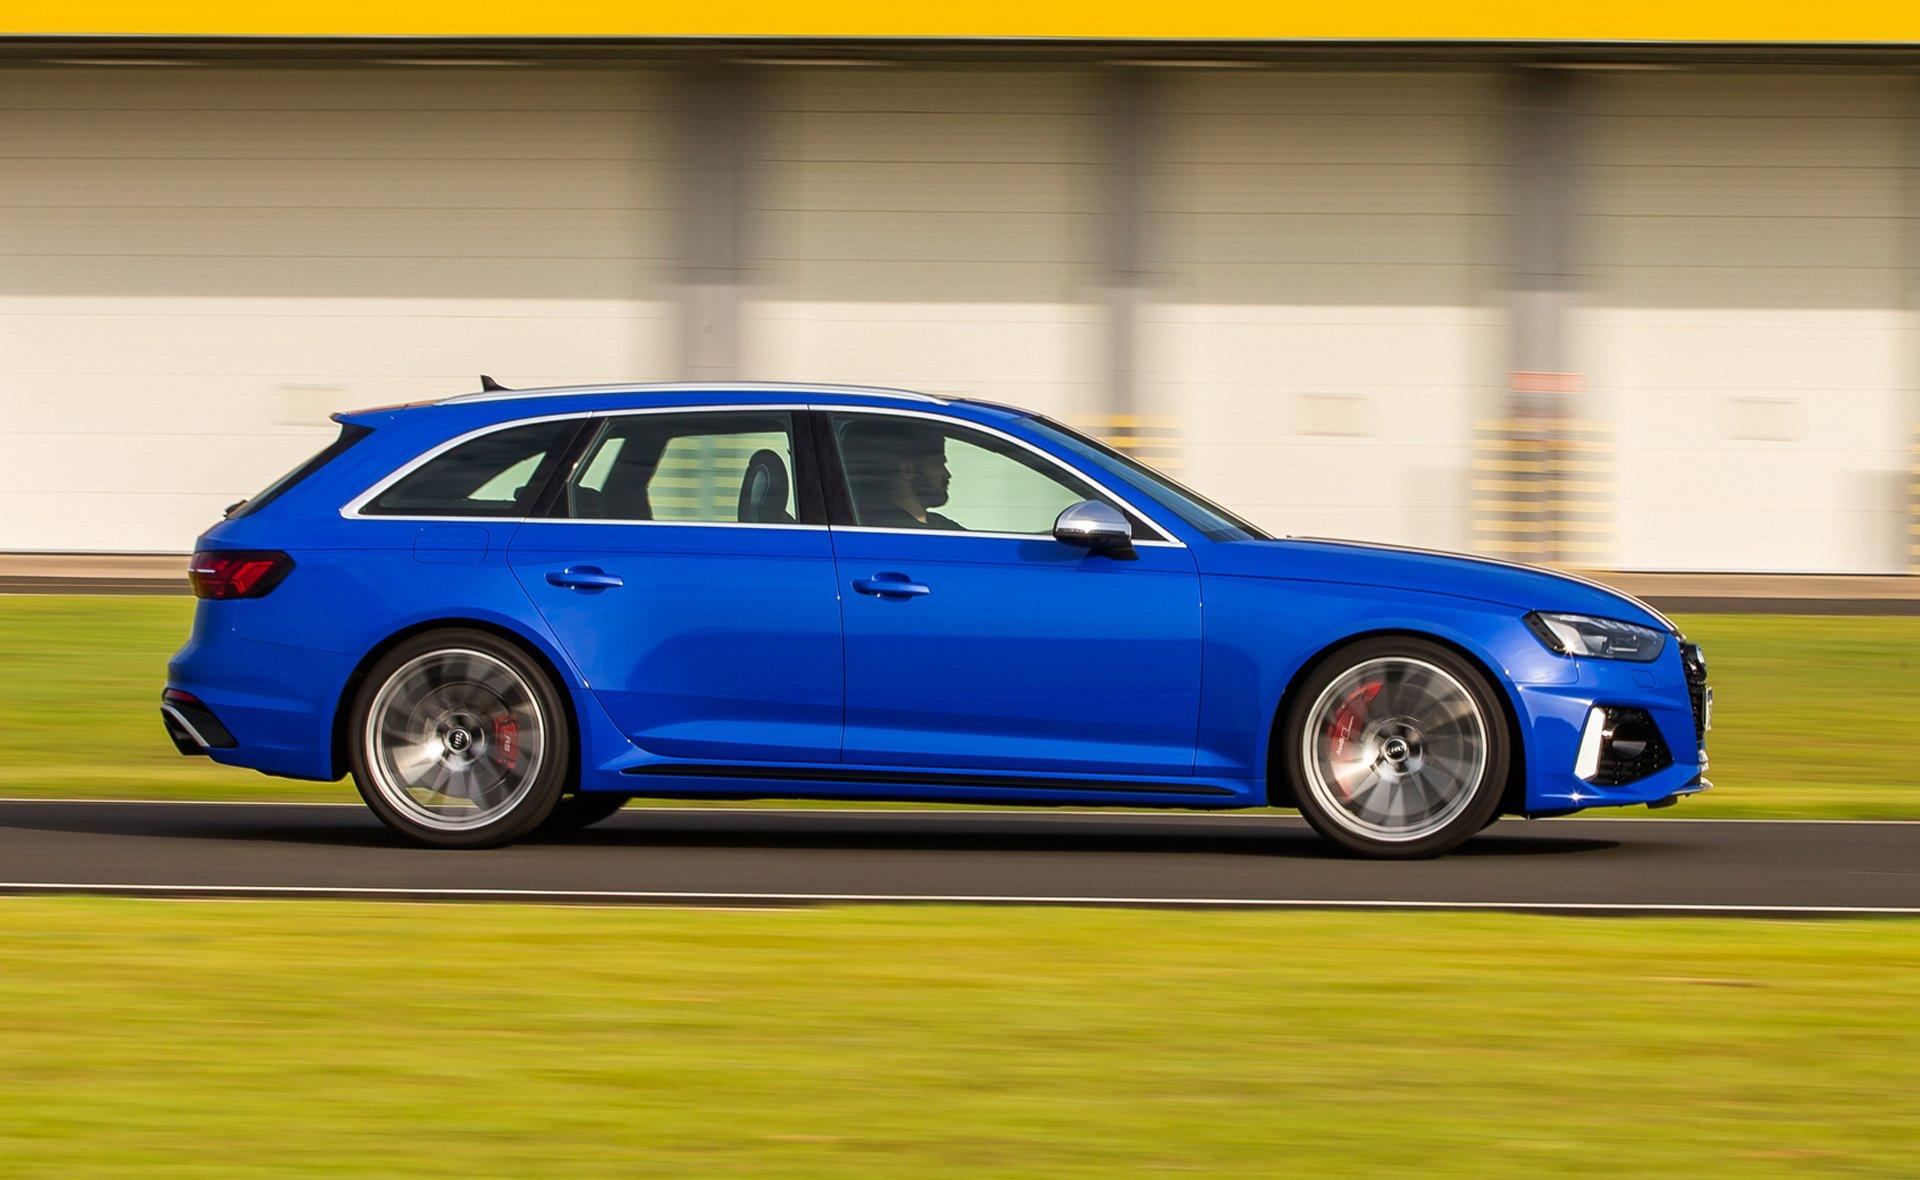 Avaliação: Audi RS 4 Avant é oásis no meio de um mar de SUVs